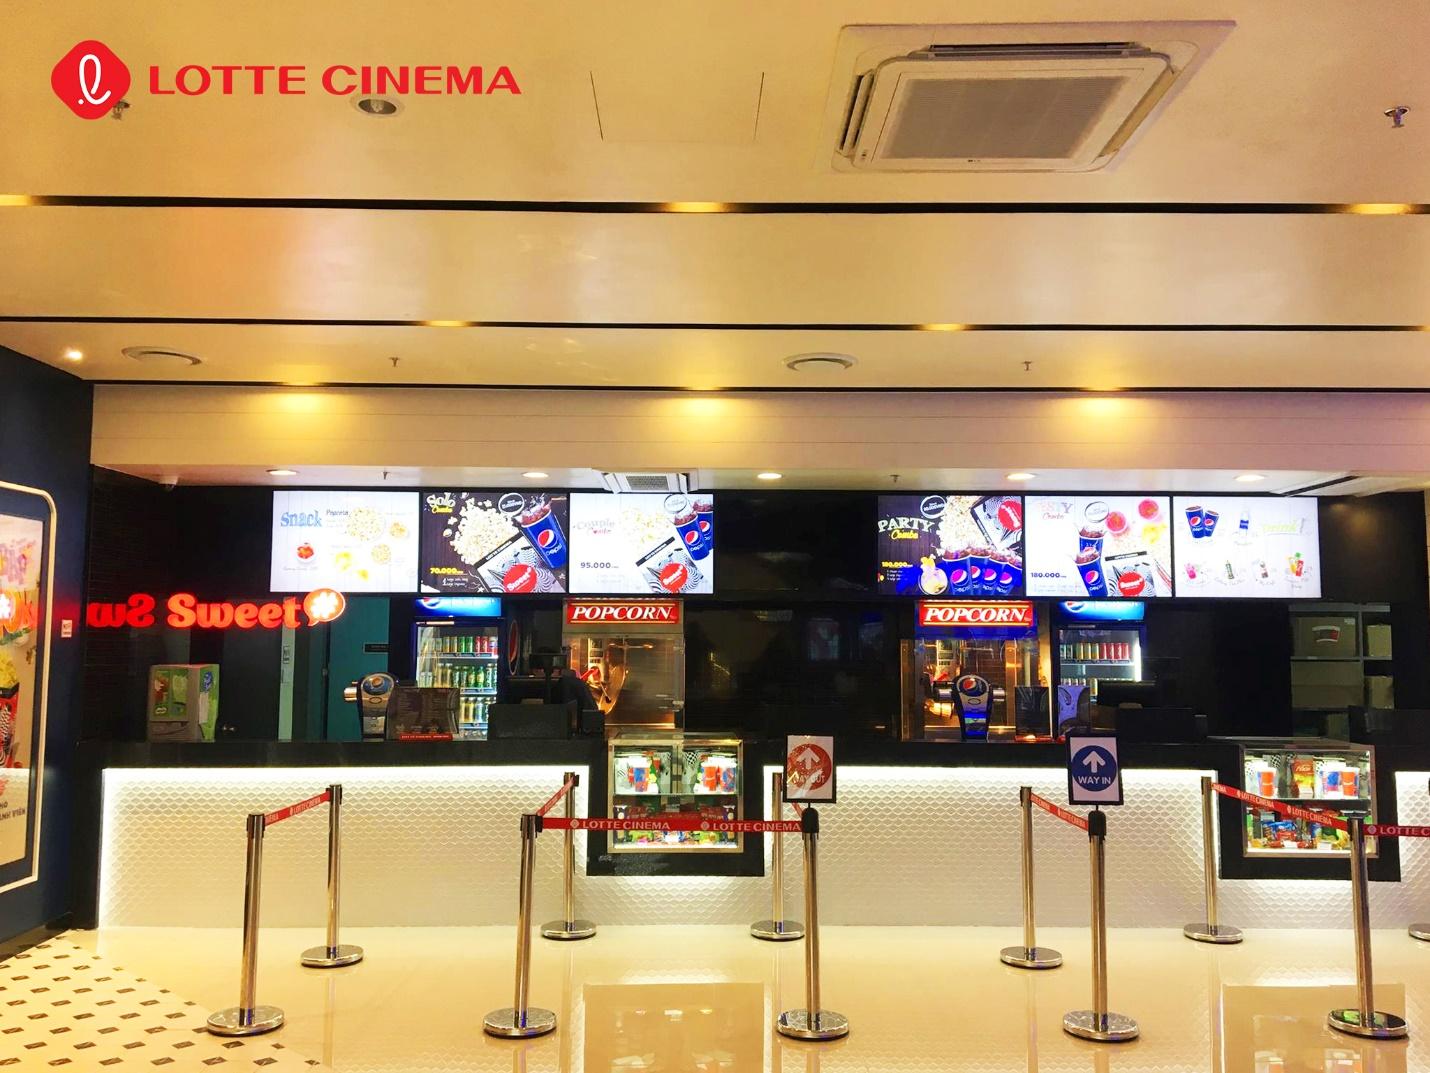 Khai trương cụm rạp Lotte Cinema Nha Trang với ưu đãi mua 1 tặng 1 - Ảnh 4.